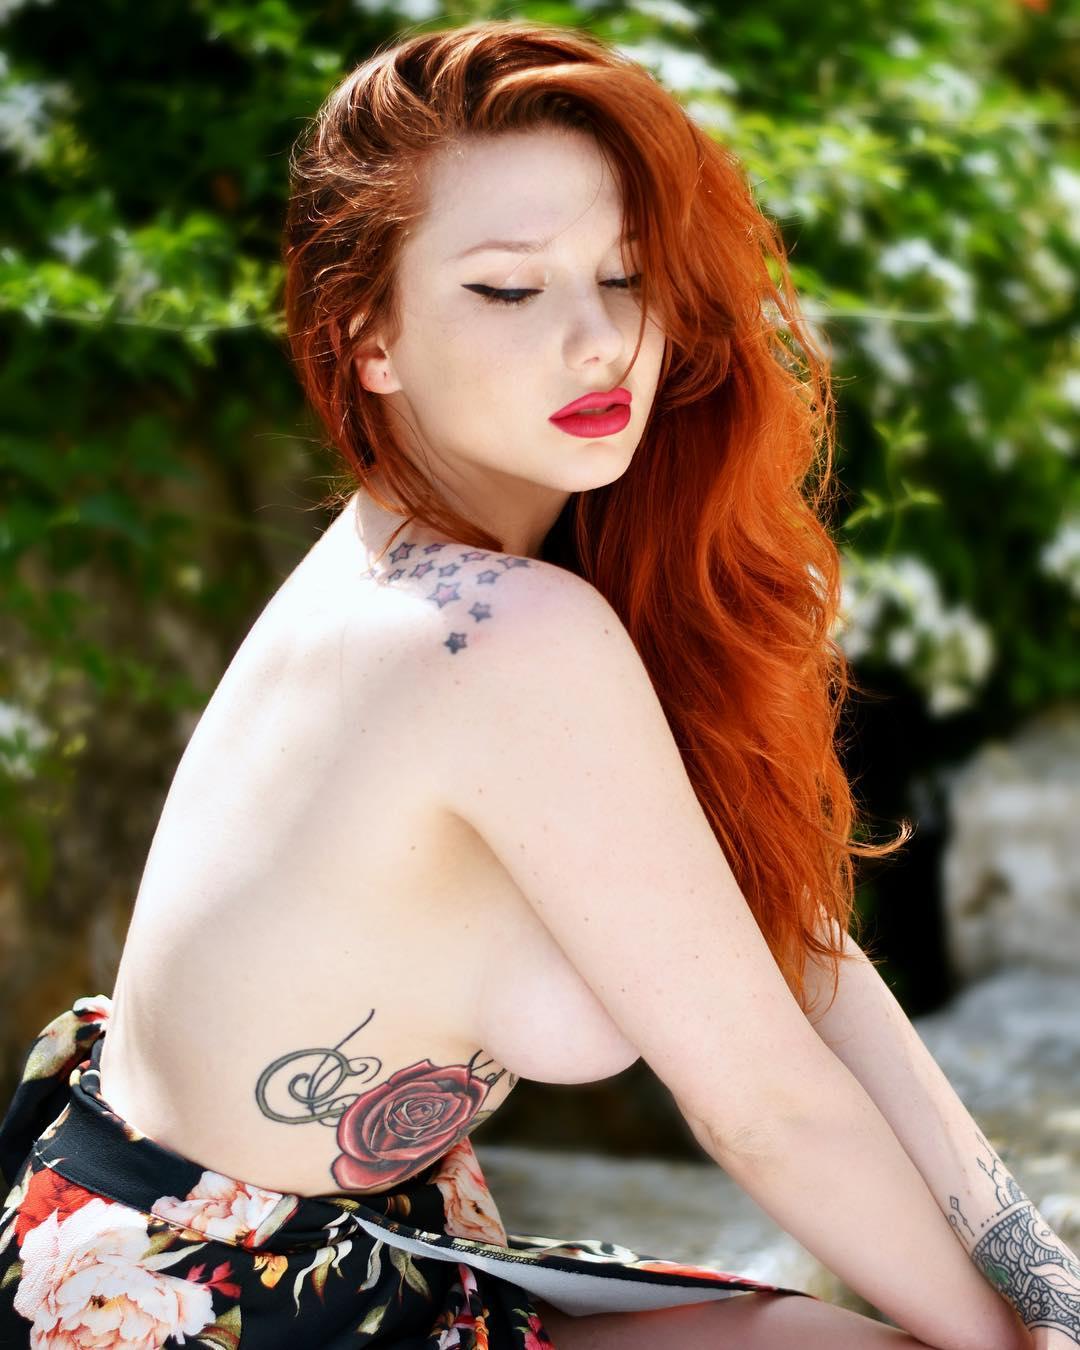 Hot Coralia Suicide Nude HD